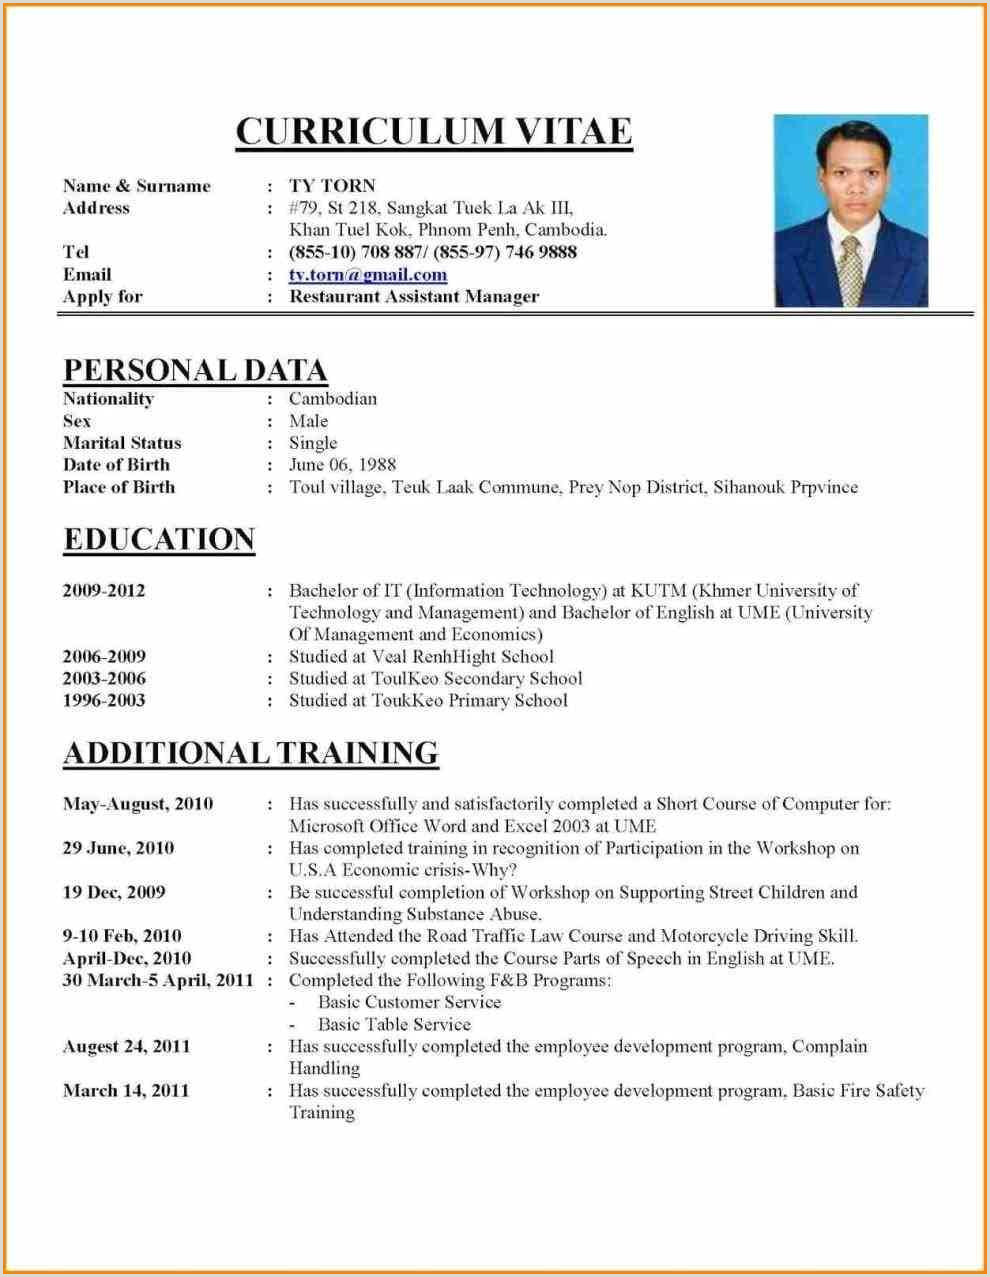 Cv Template Job Application 1 Cv Template